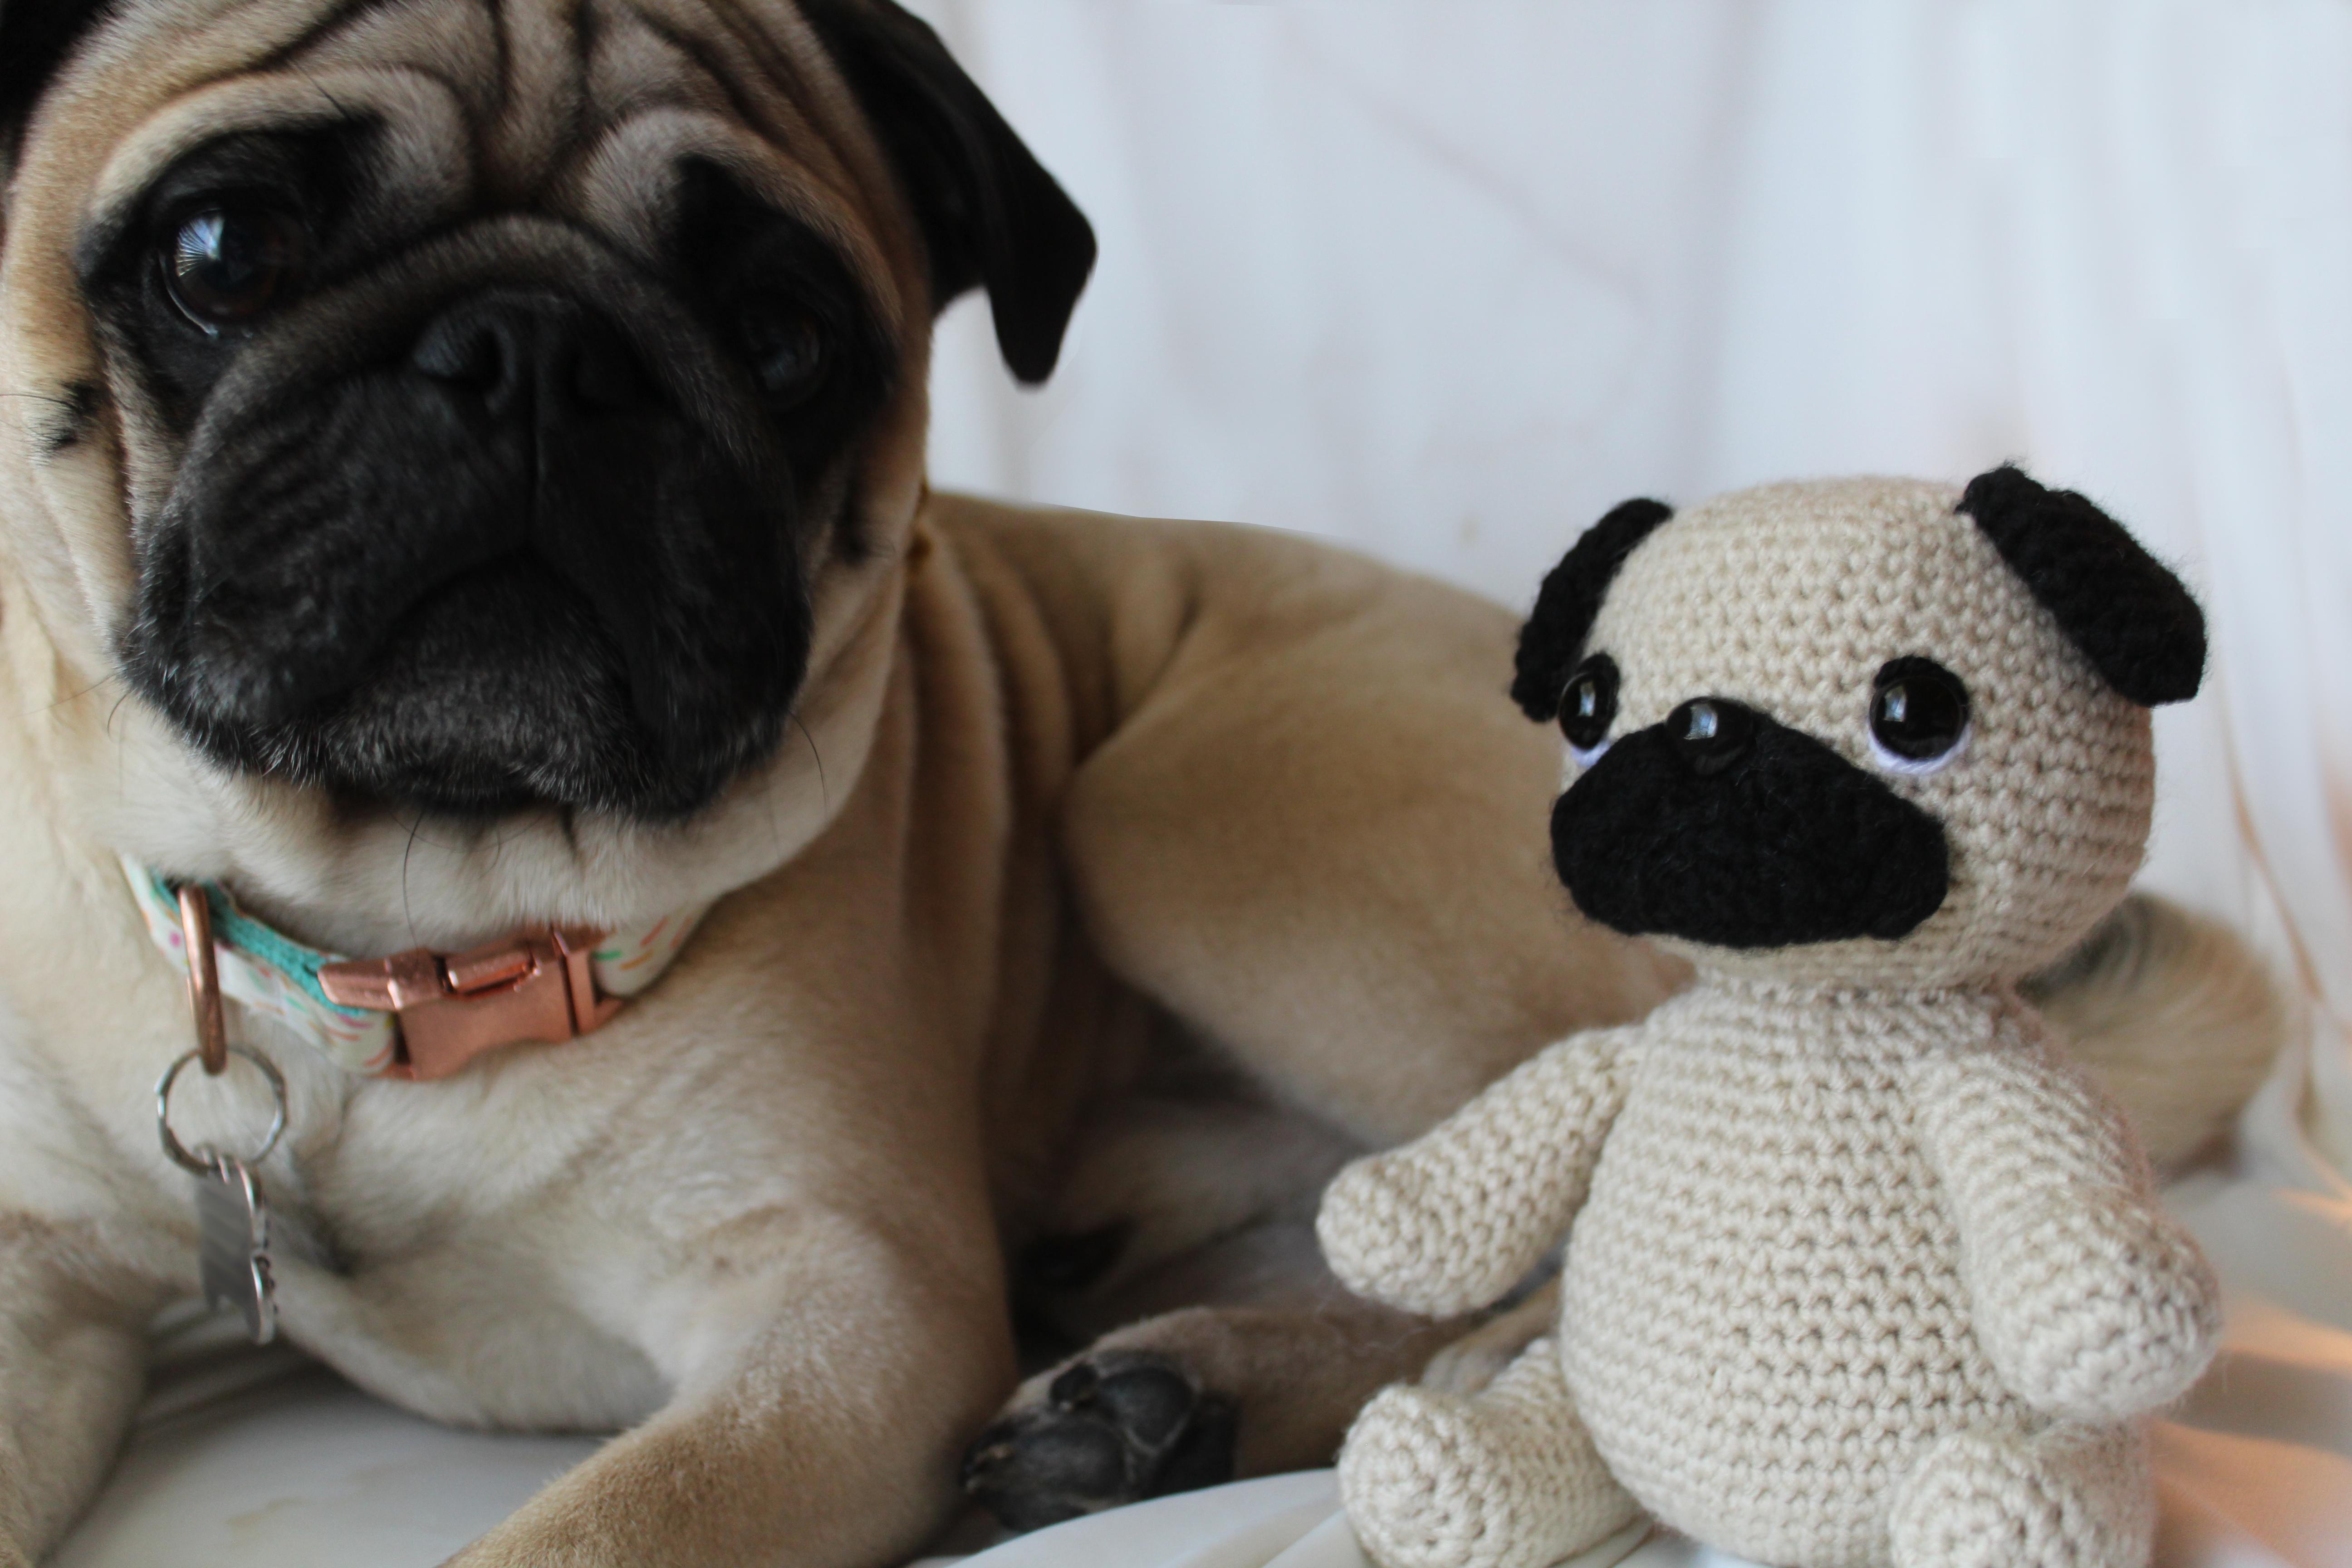 Crochet pug amigurumi by mohu   Project   Crochet / Amigurumi ...   3456x5184